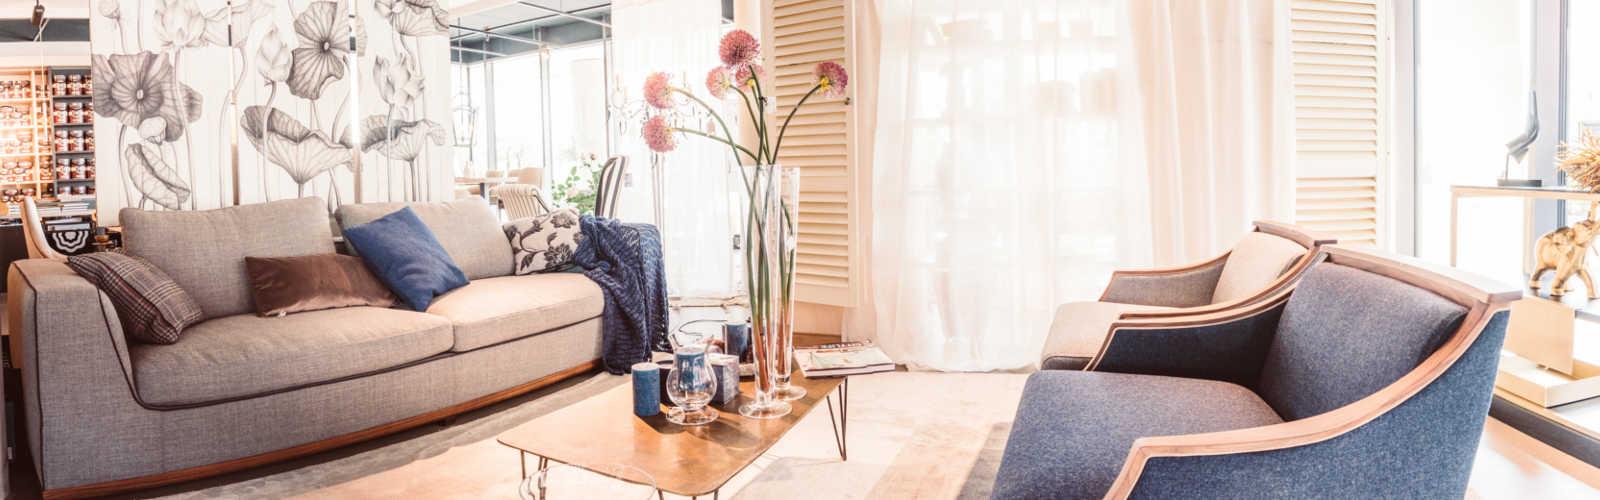 Einrichtung Vospers Home Interiors